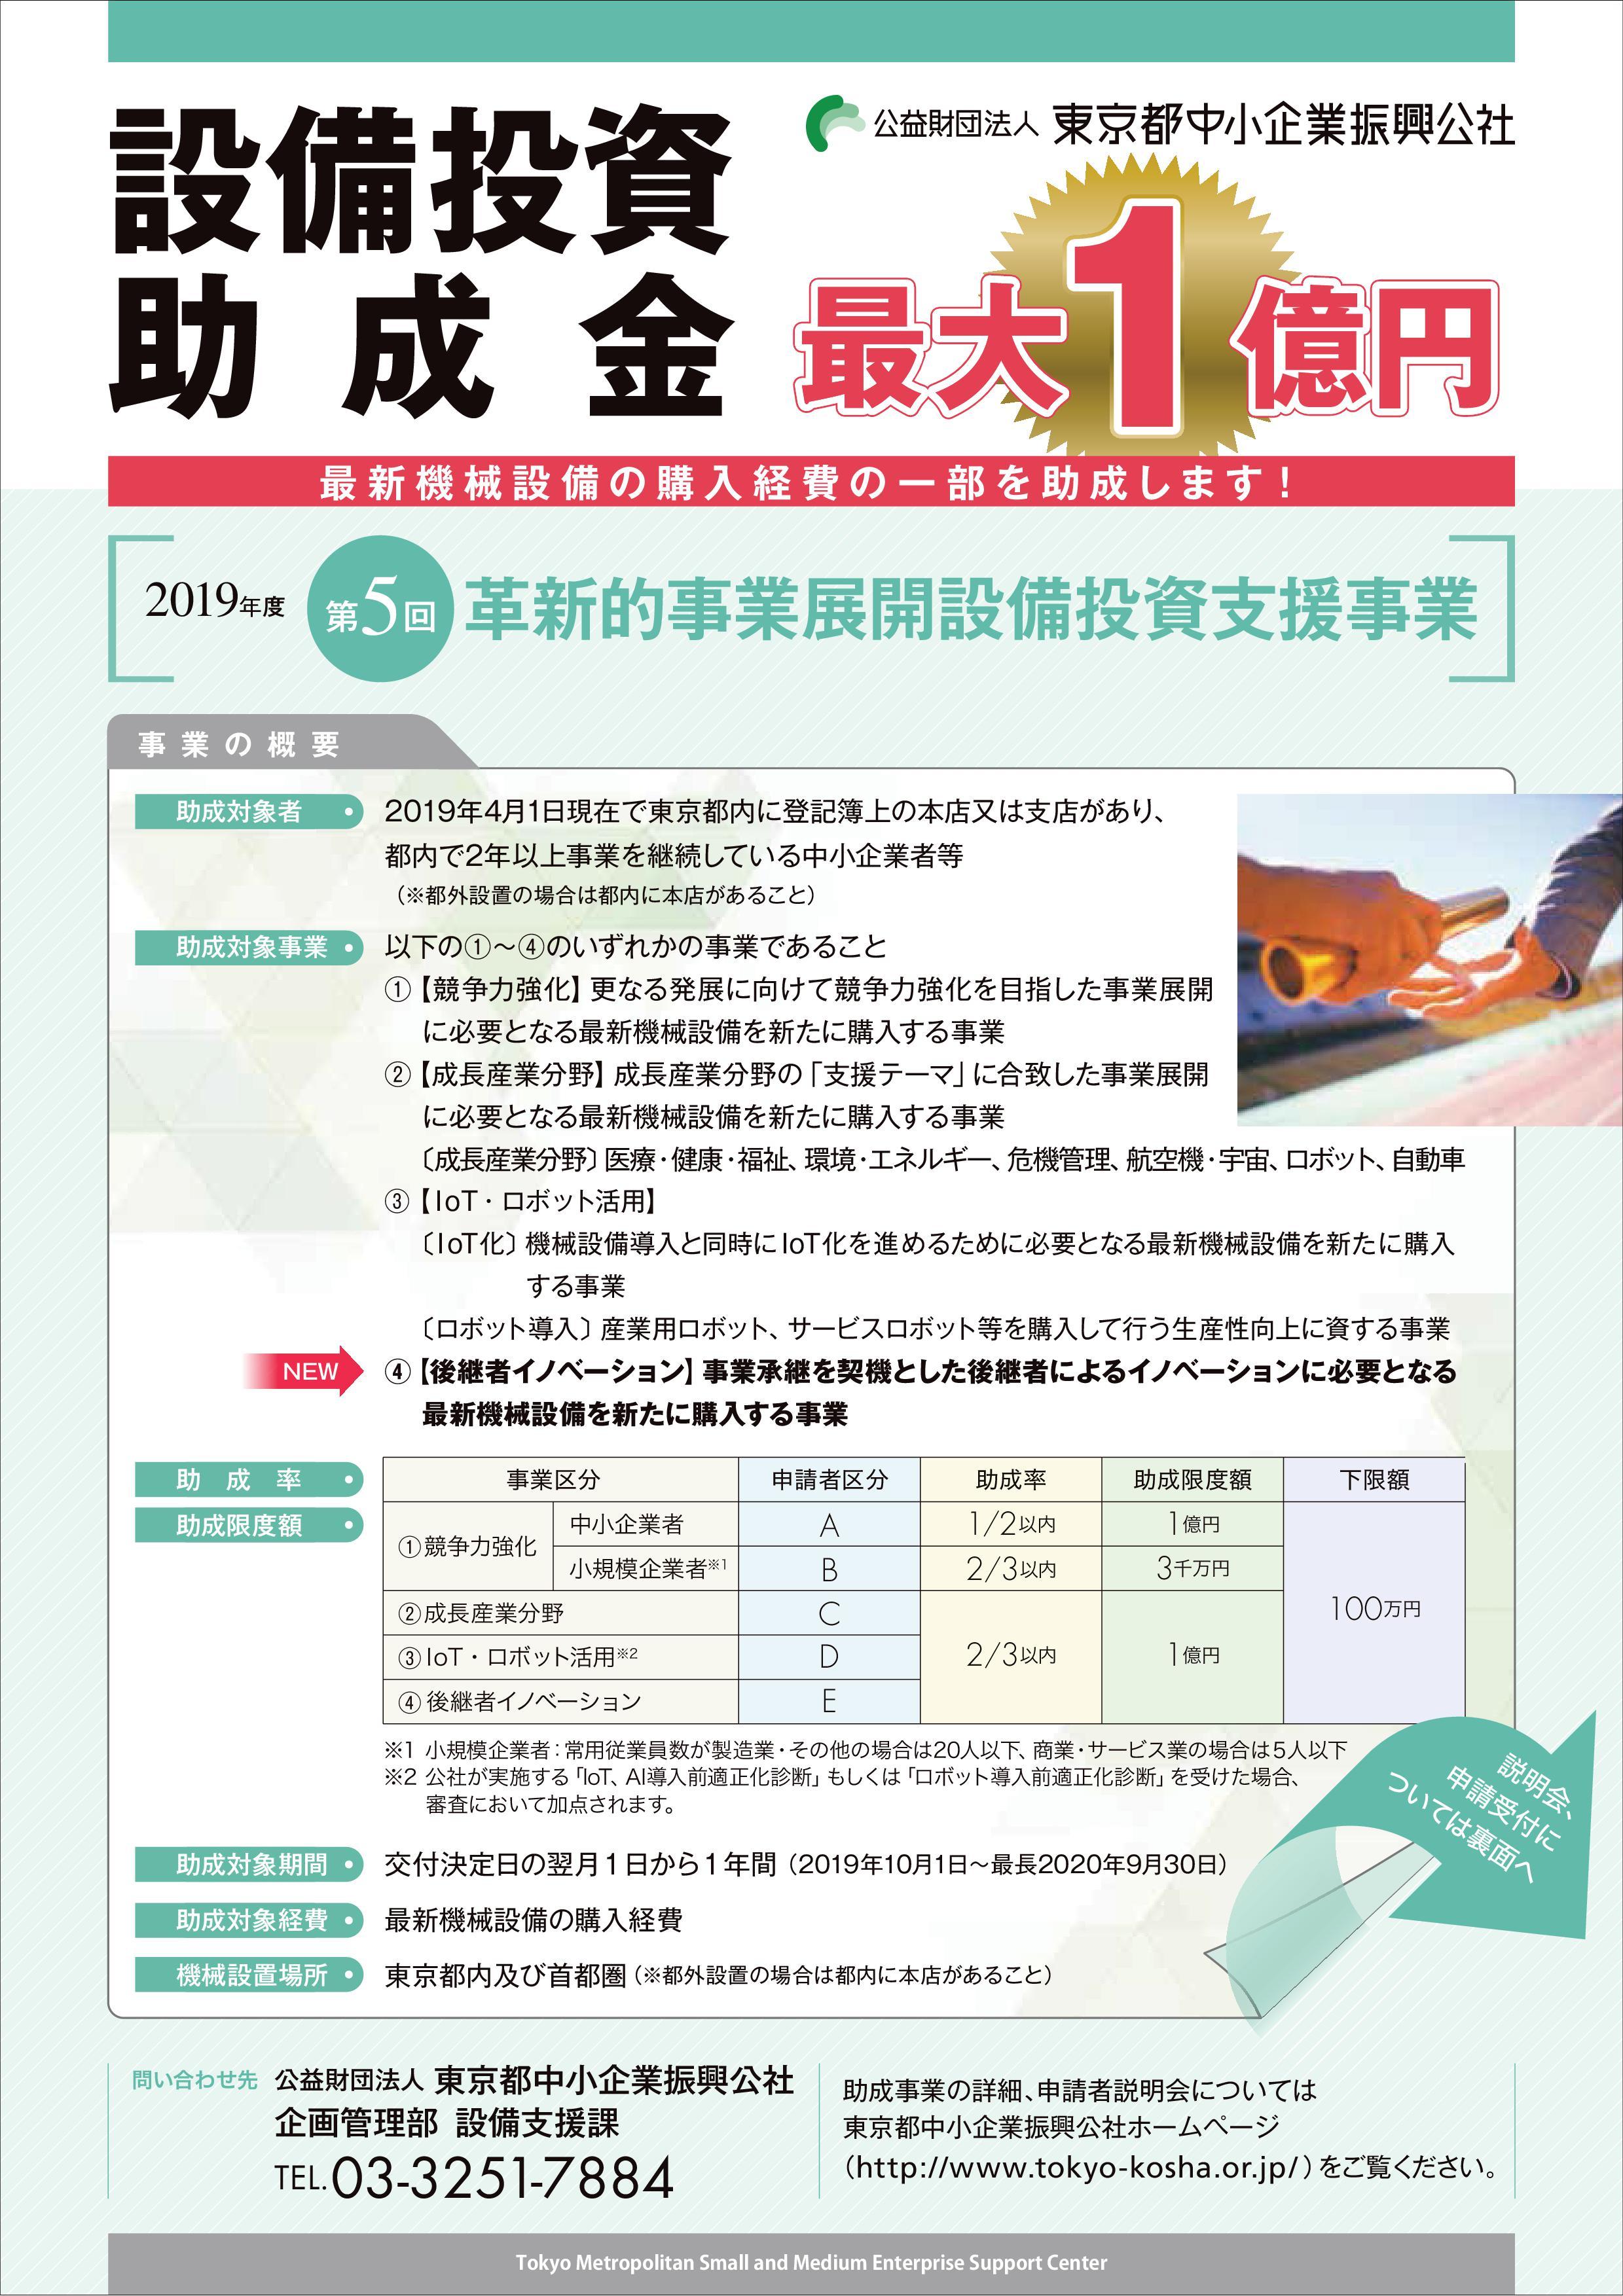 東京都中小企業振興公社より助成金のお知らせ